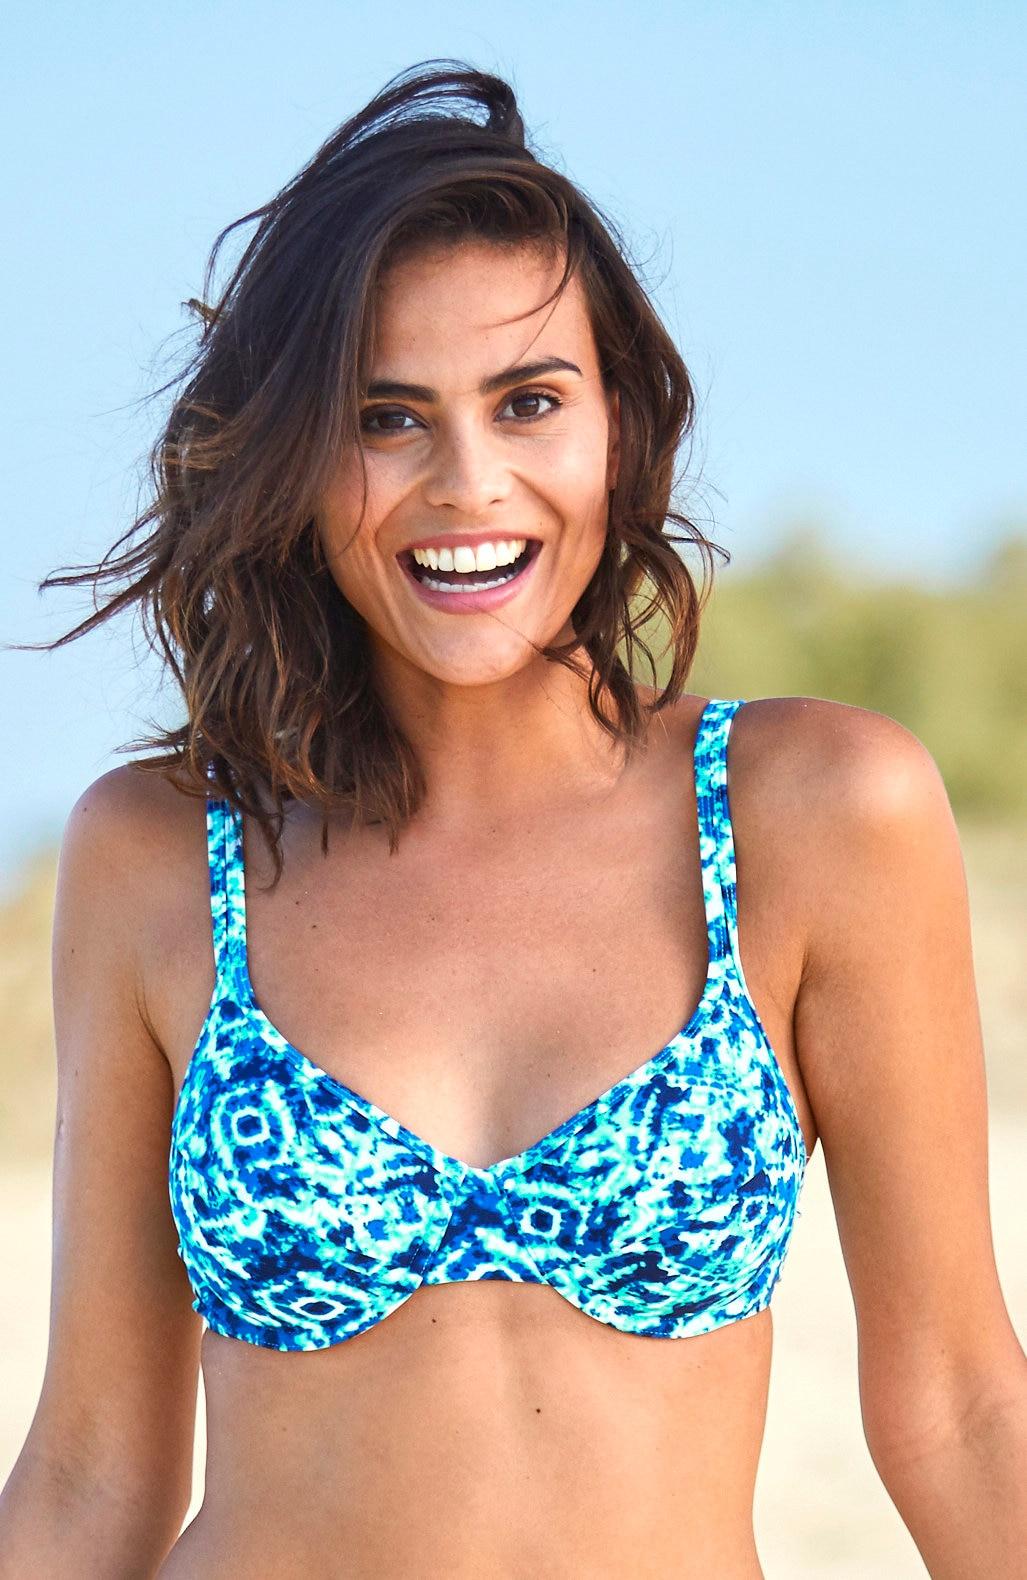 Biustonosz od bikini na fiszbinach wniebieskie wzory